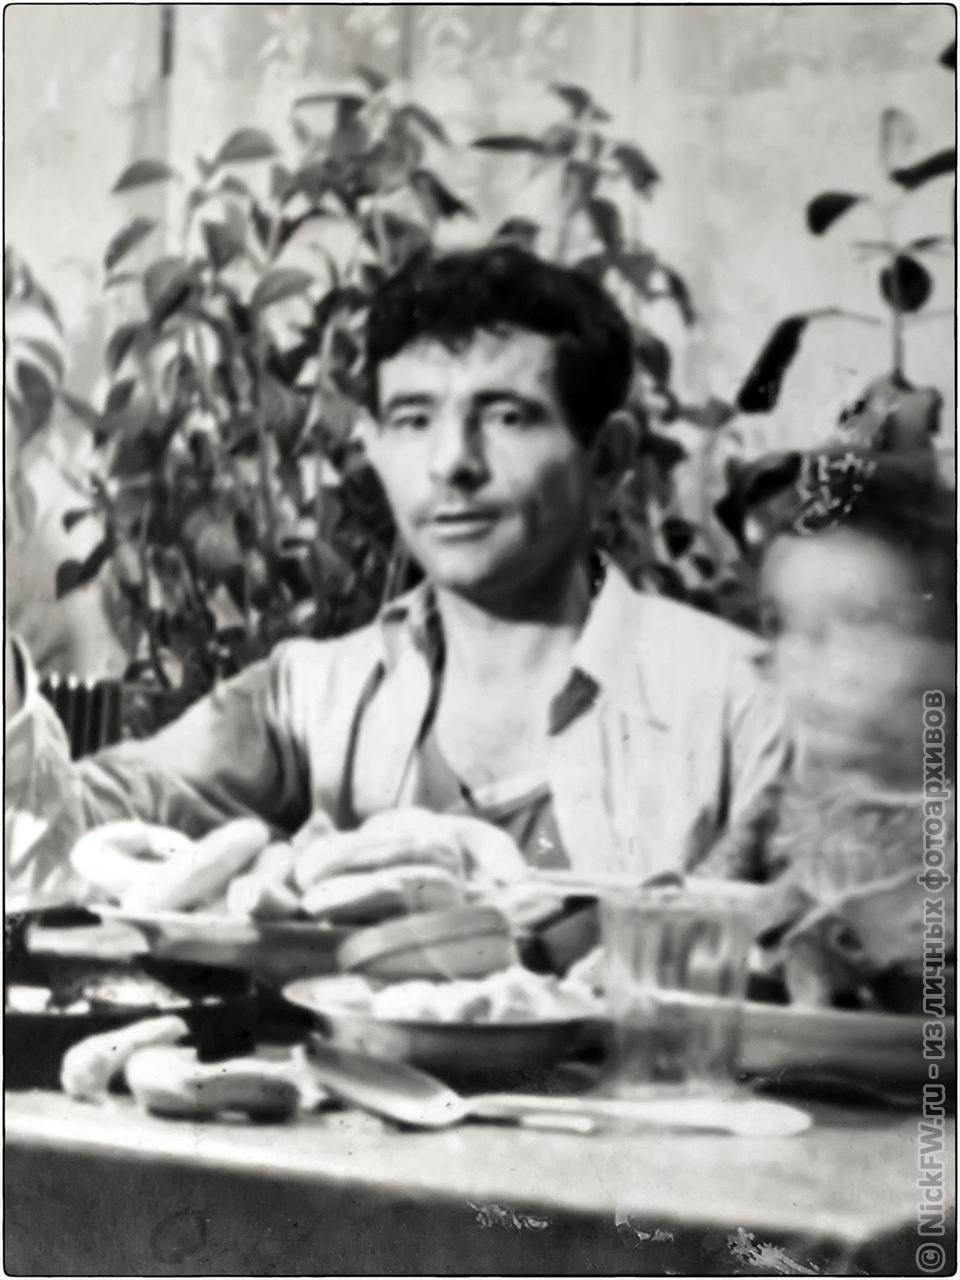 2. Голдаев К.Ф. - фото из личных архивов NickFW.ru